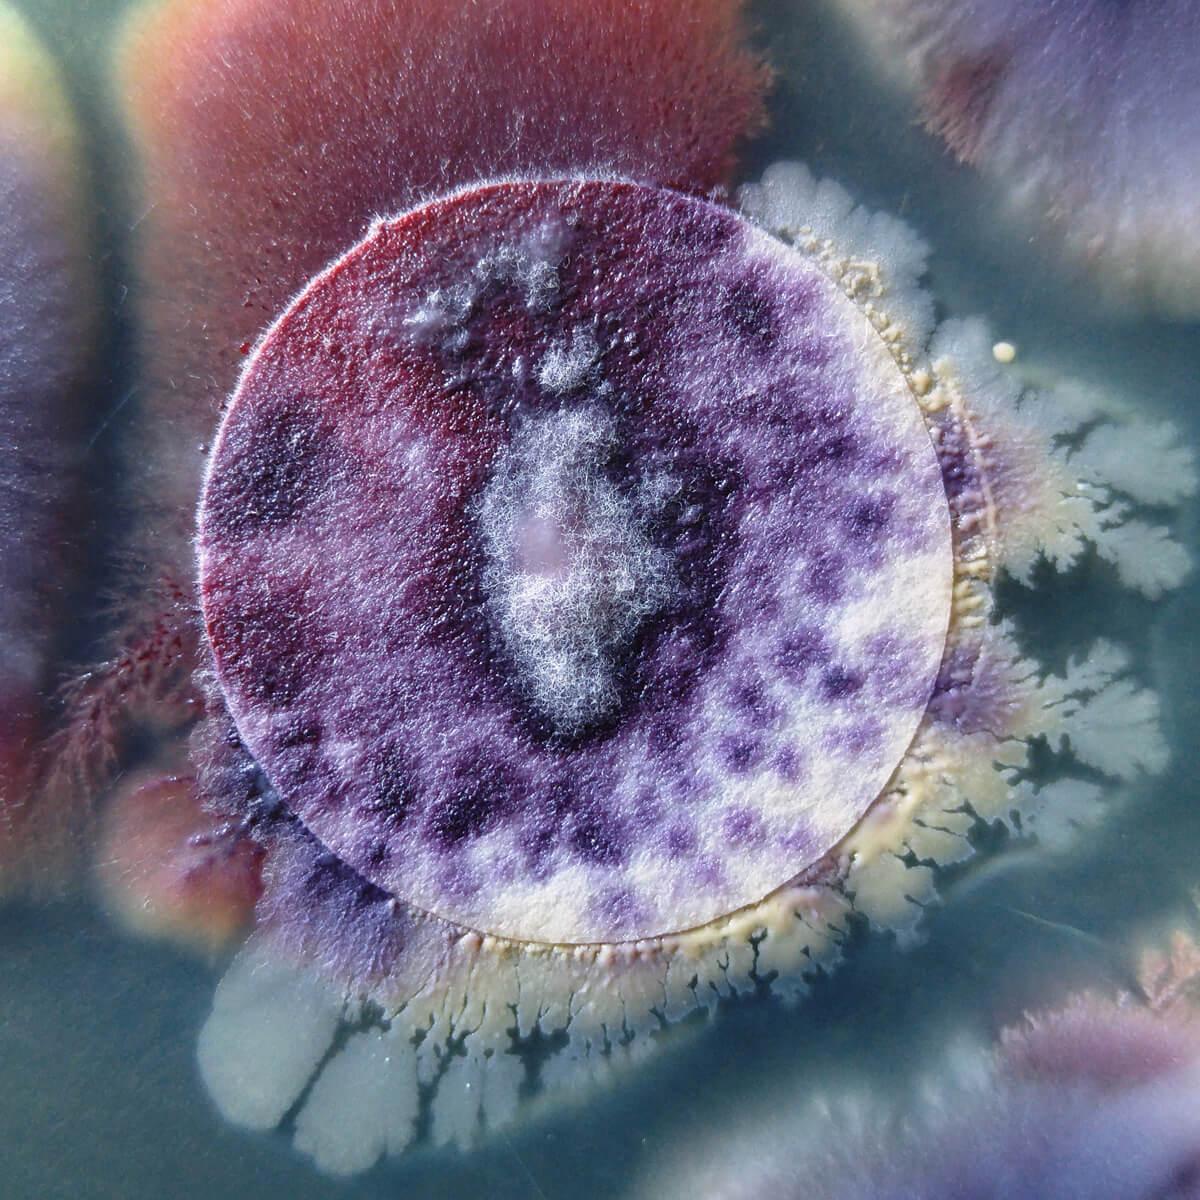 <ul> <li>تربية الآفات المحتجزة وصيانتها</li> <li>تجارب النشاط: مطاردتها والقضاء عليها</li> <li>نماذج متعددة: المصاصة، الحشرات التي تتغذى على أوراق النباتات وتسبب سقوطها، الديدان الأسطوانية، البكتيريا، فطريات</li> <li>التربة، الفطريات الهوائية، وغيرها.</li> </ul>